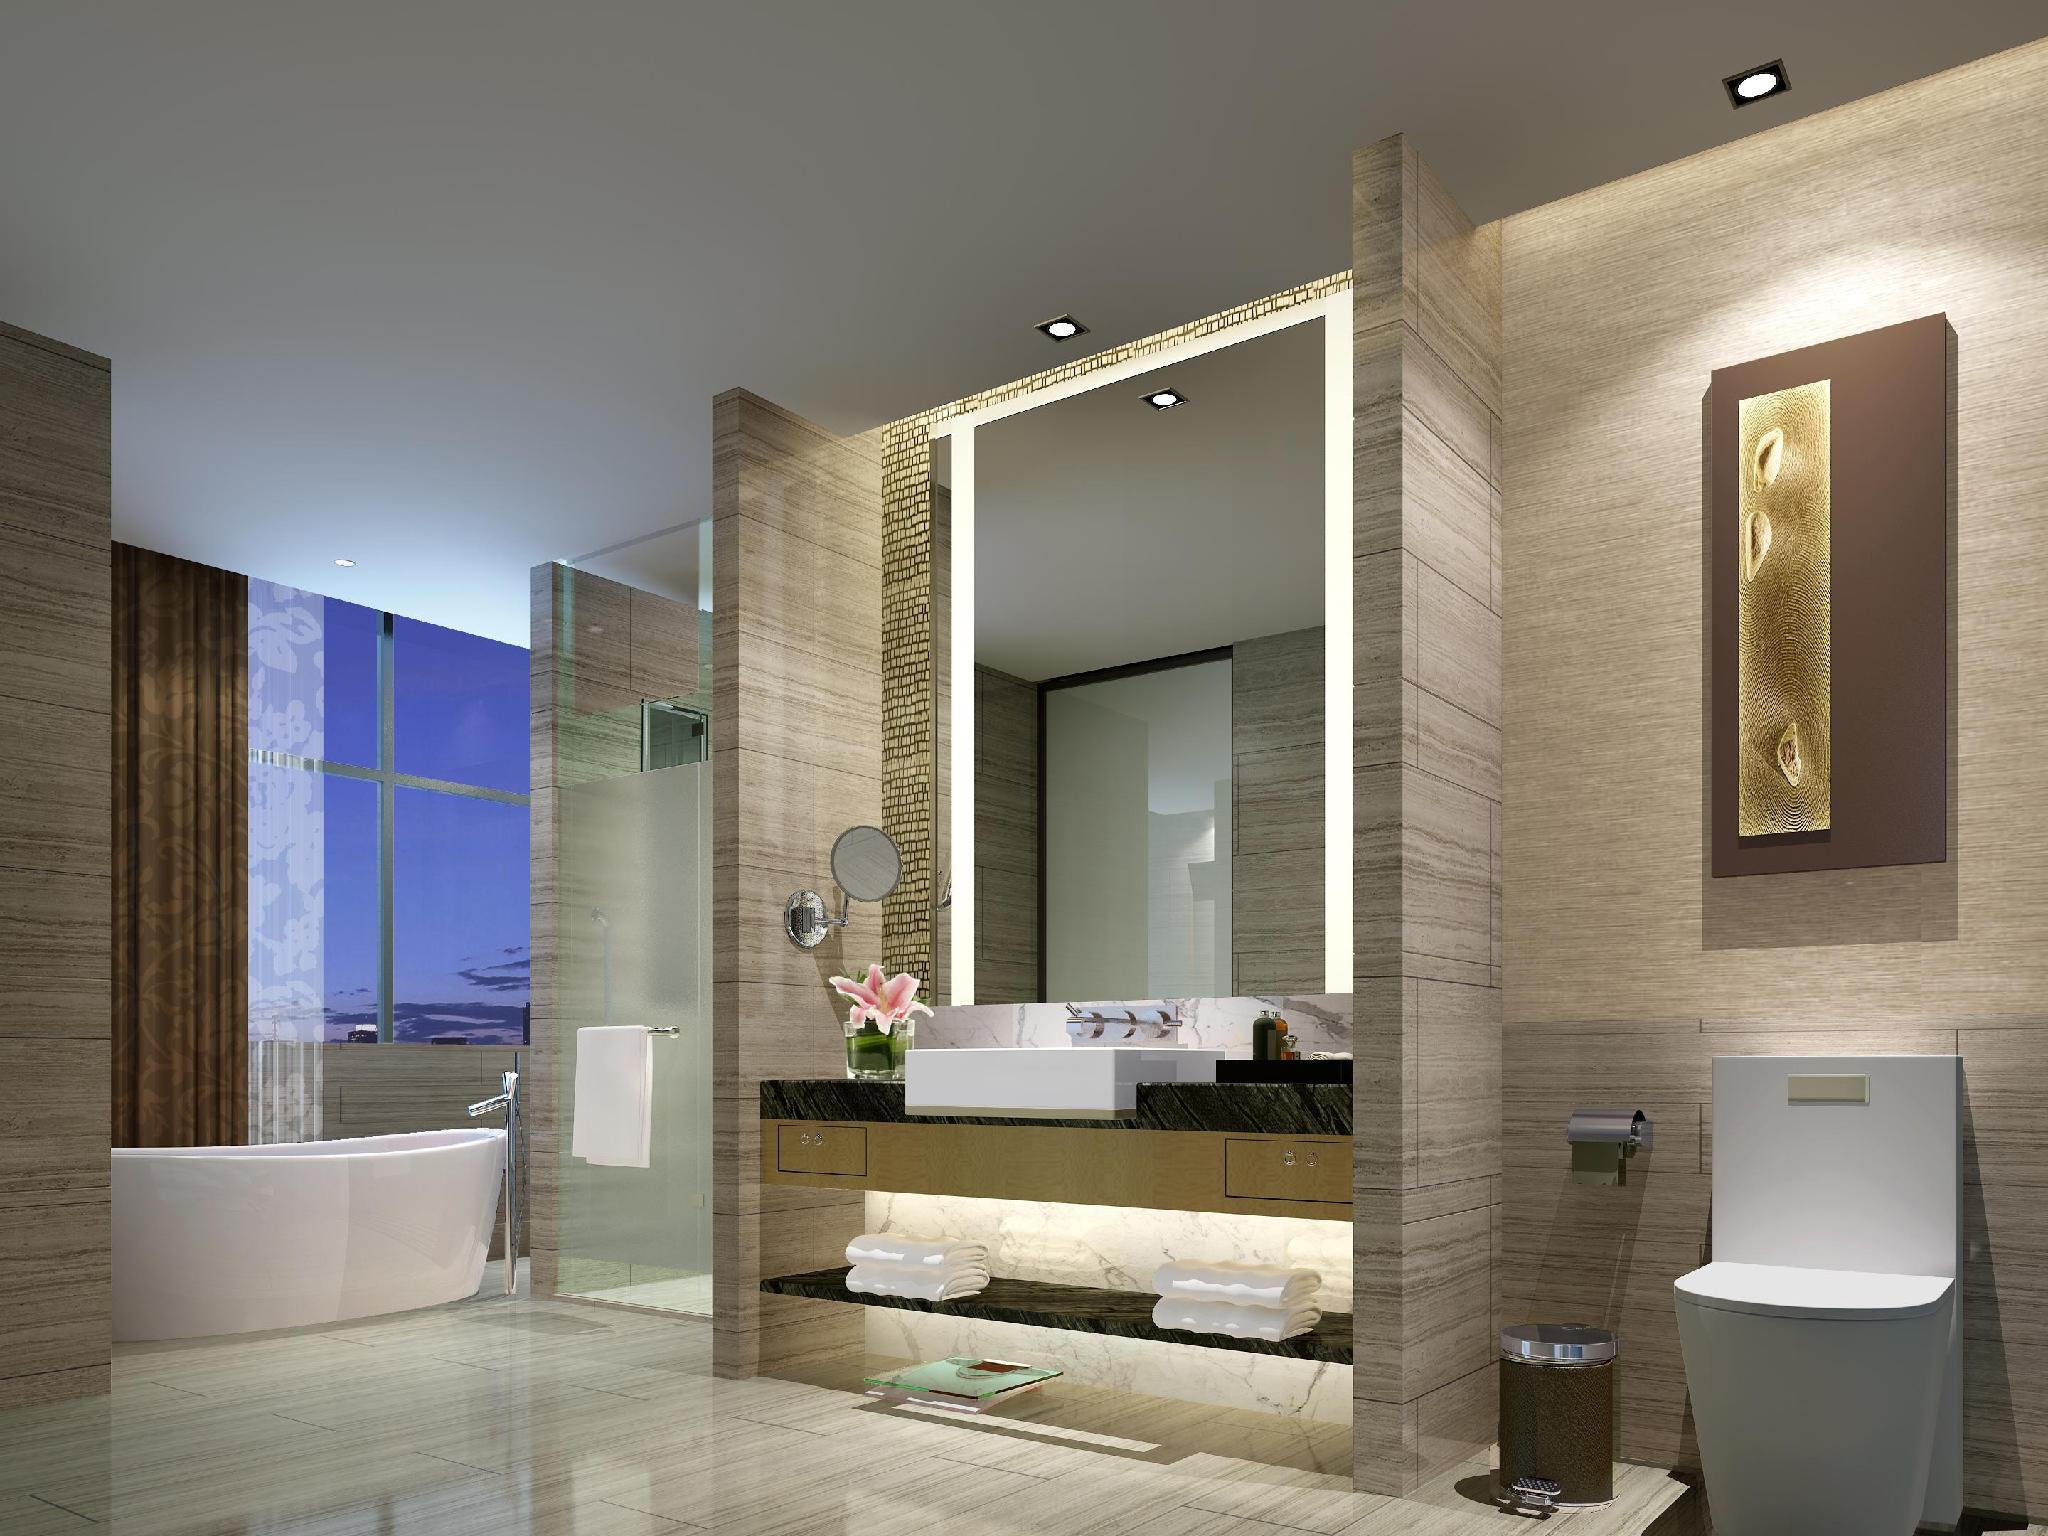 Grand Skylight International Hotel Ganzhou